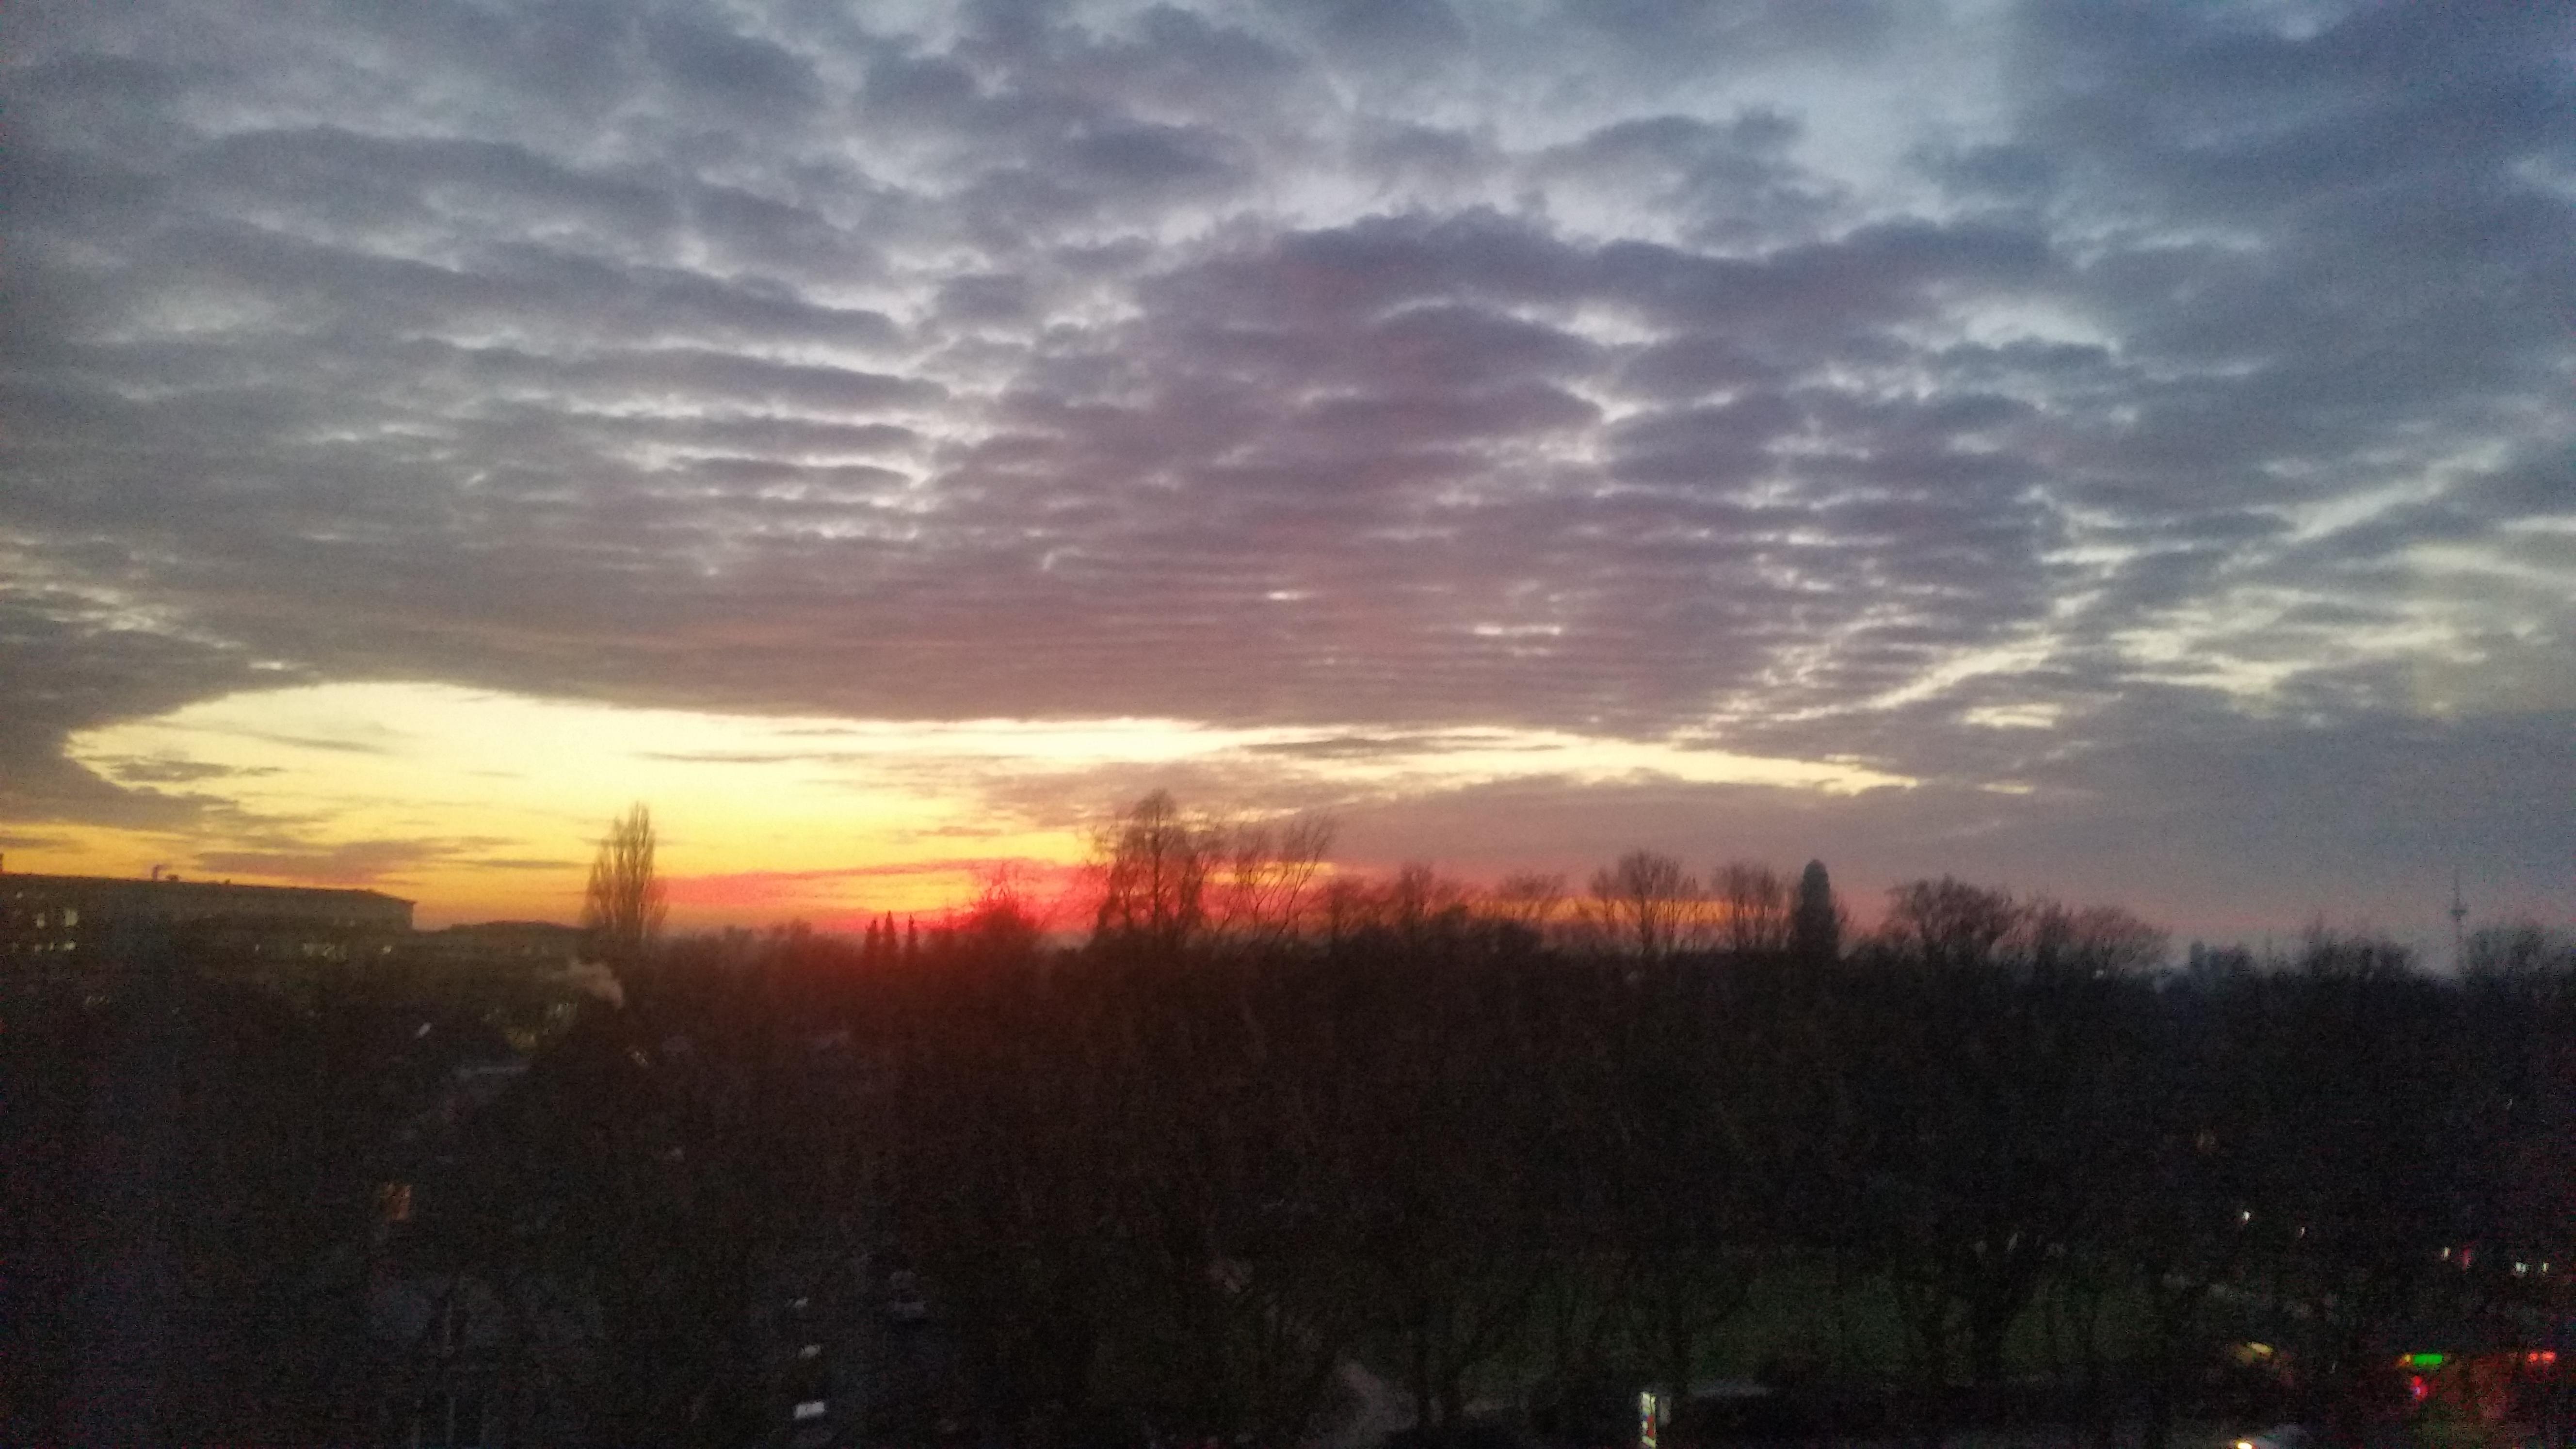 Wochenrückblick 03/ 2017 - Sonnenuntergang - Ausblick von meinem Arbeitsplatz